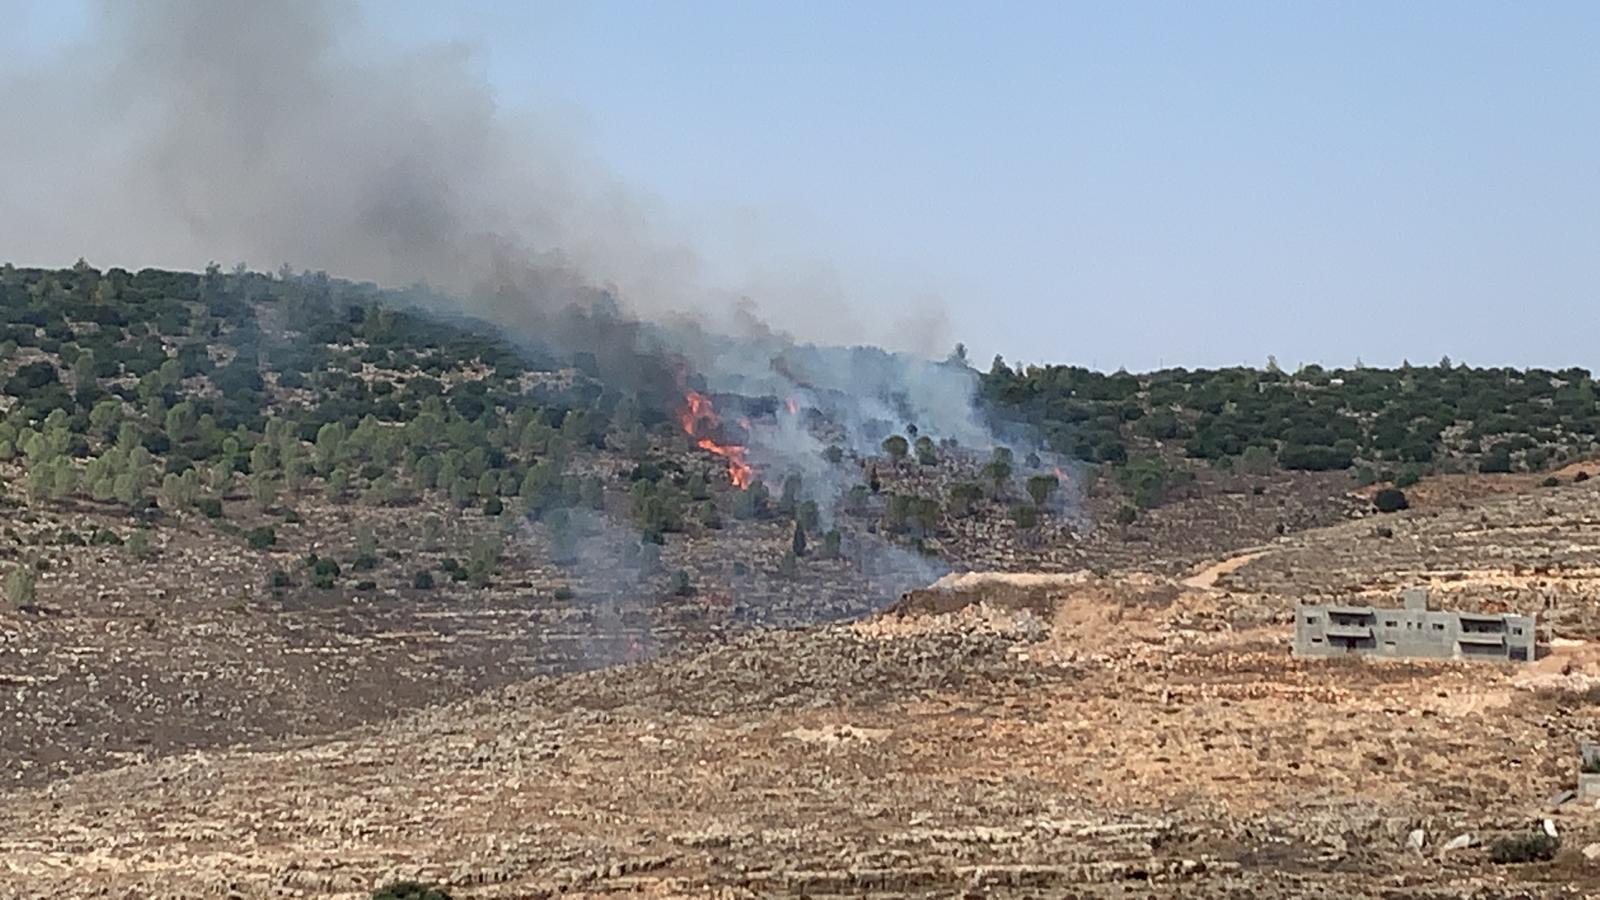 שריפת חורש משתוללת סמוך לישוב צור הדסה